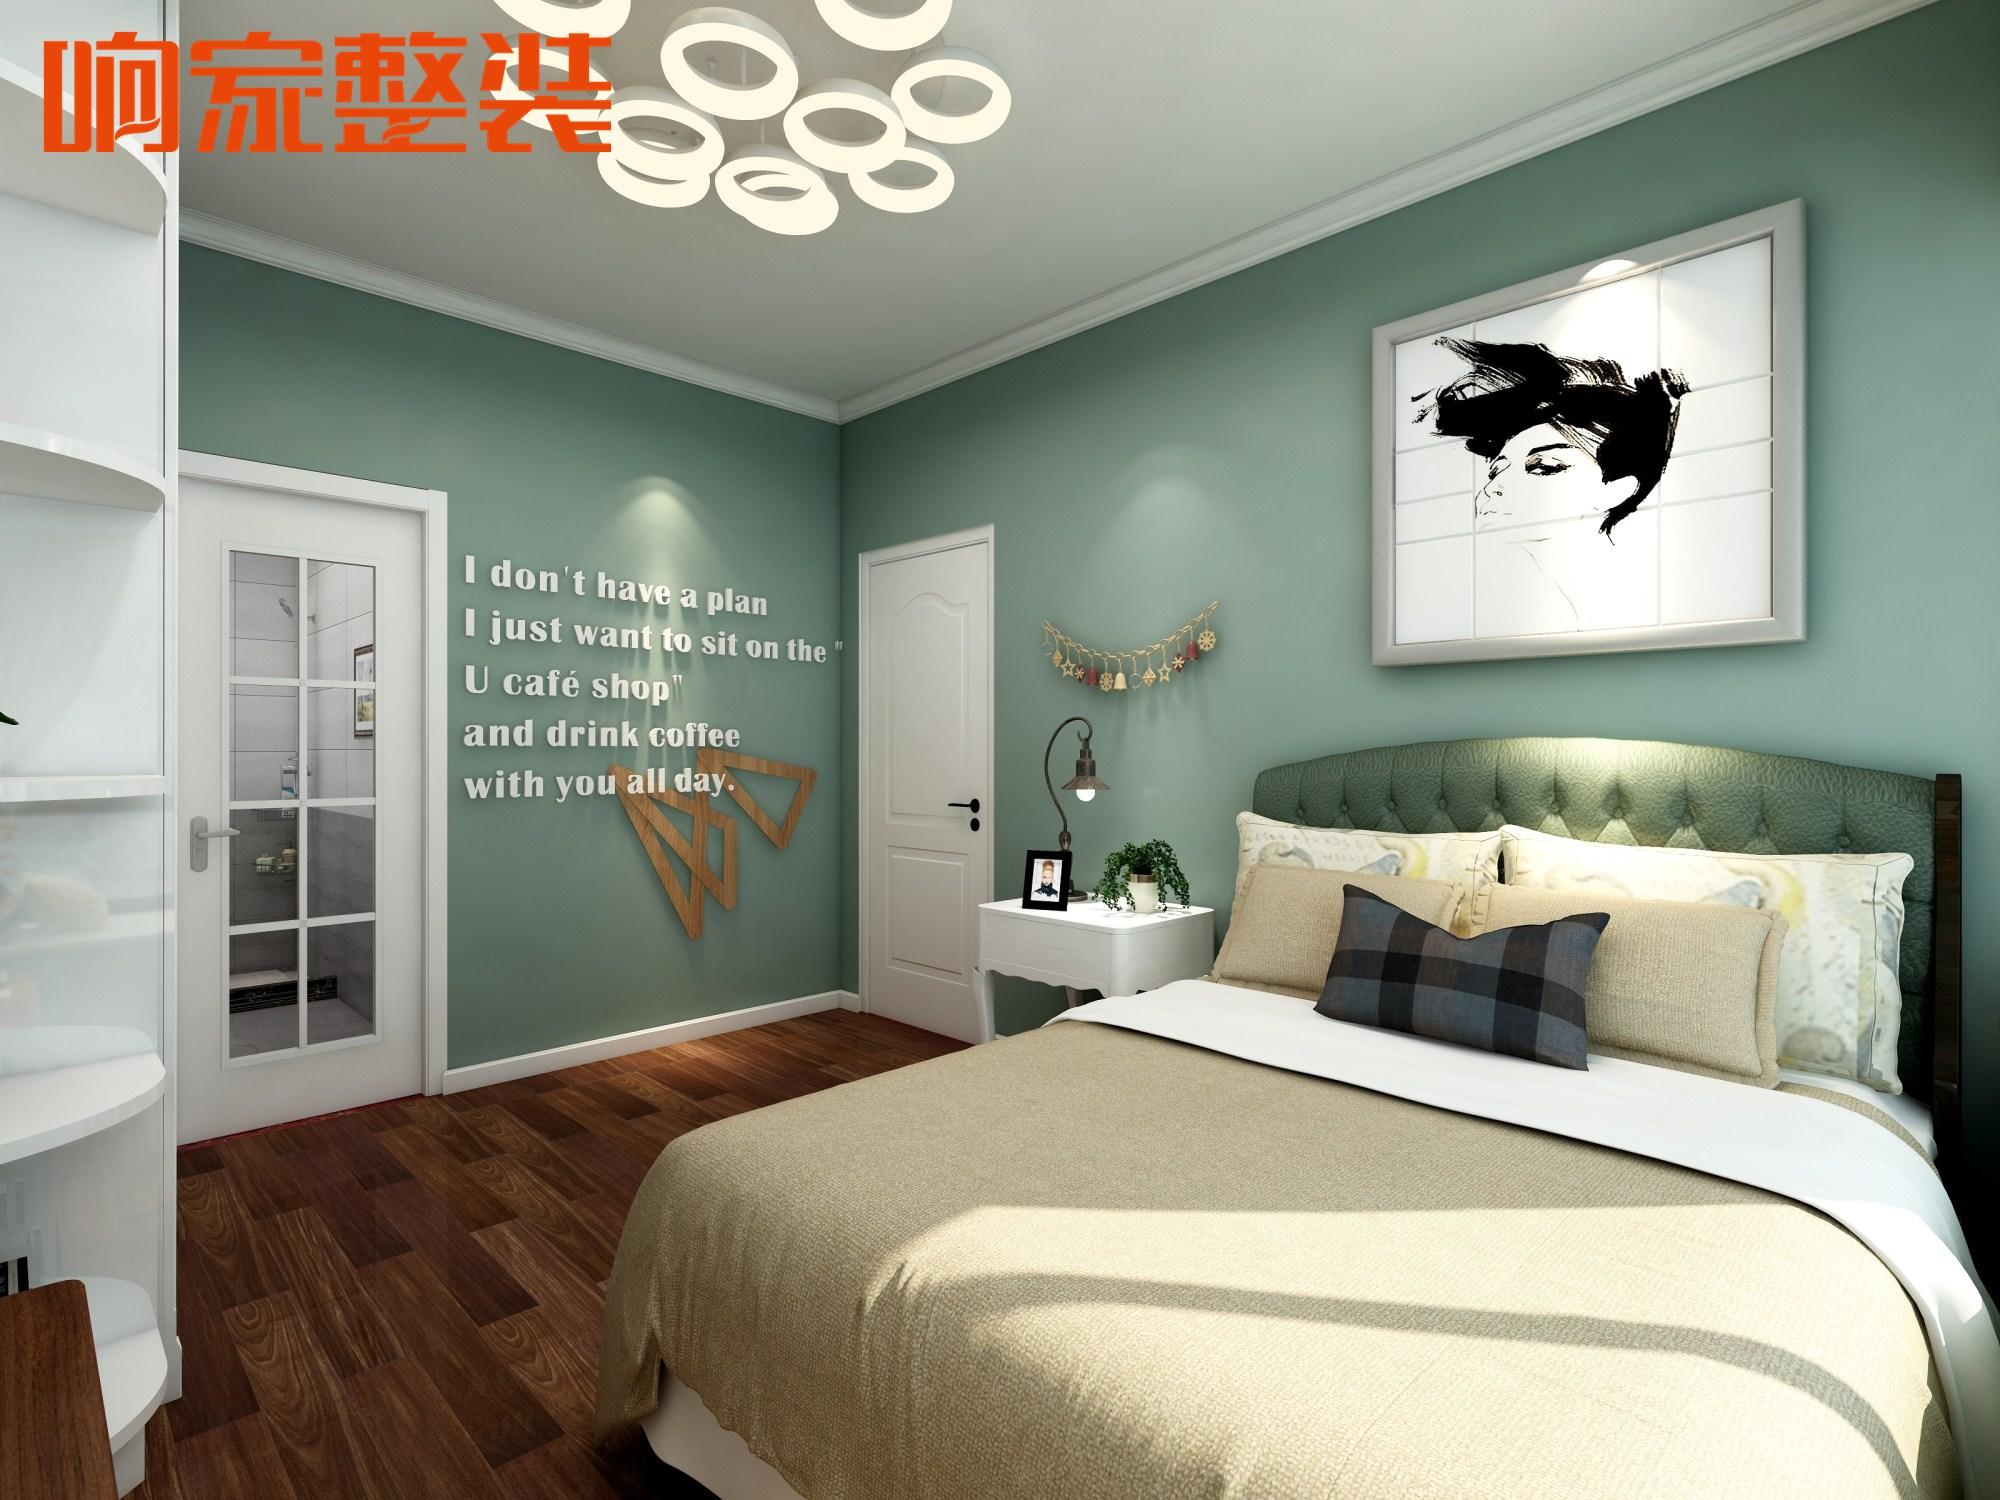 6卧室北欧装修风格响家整体卧室装修效果图.jpg图片